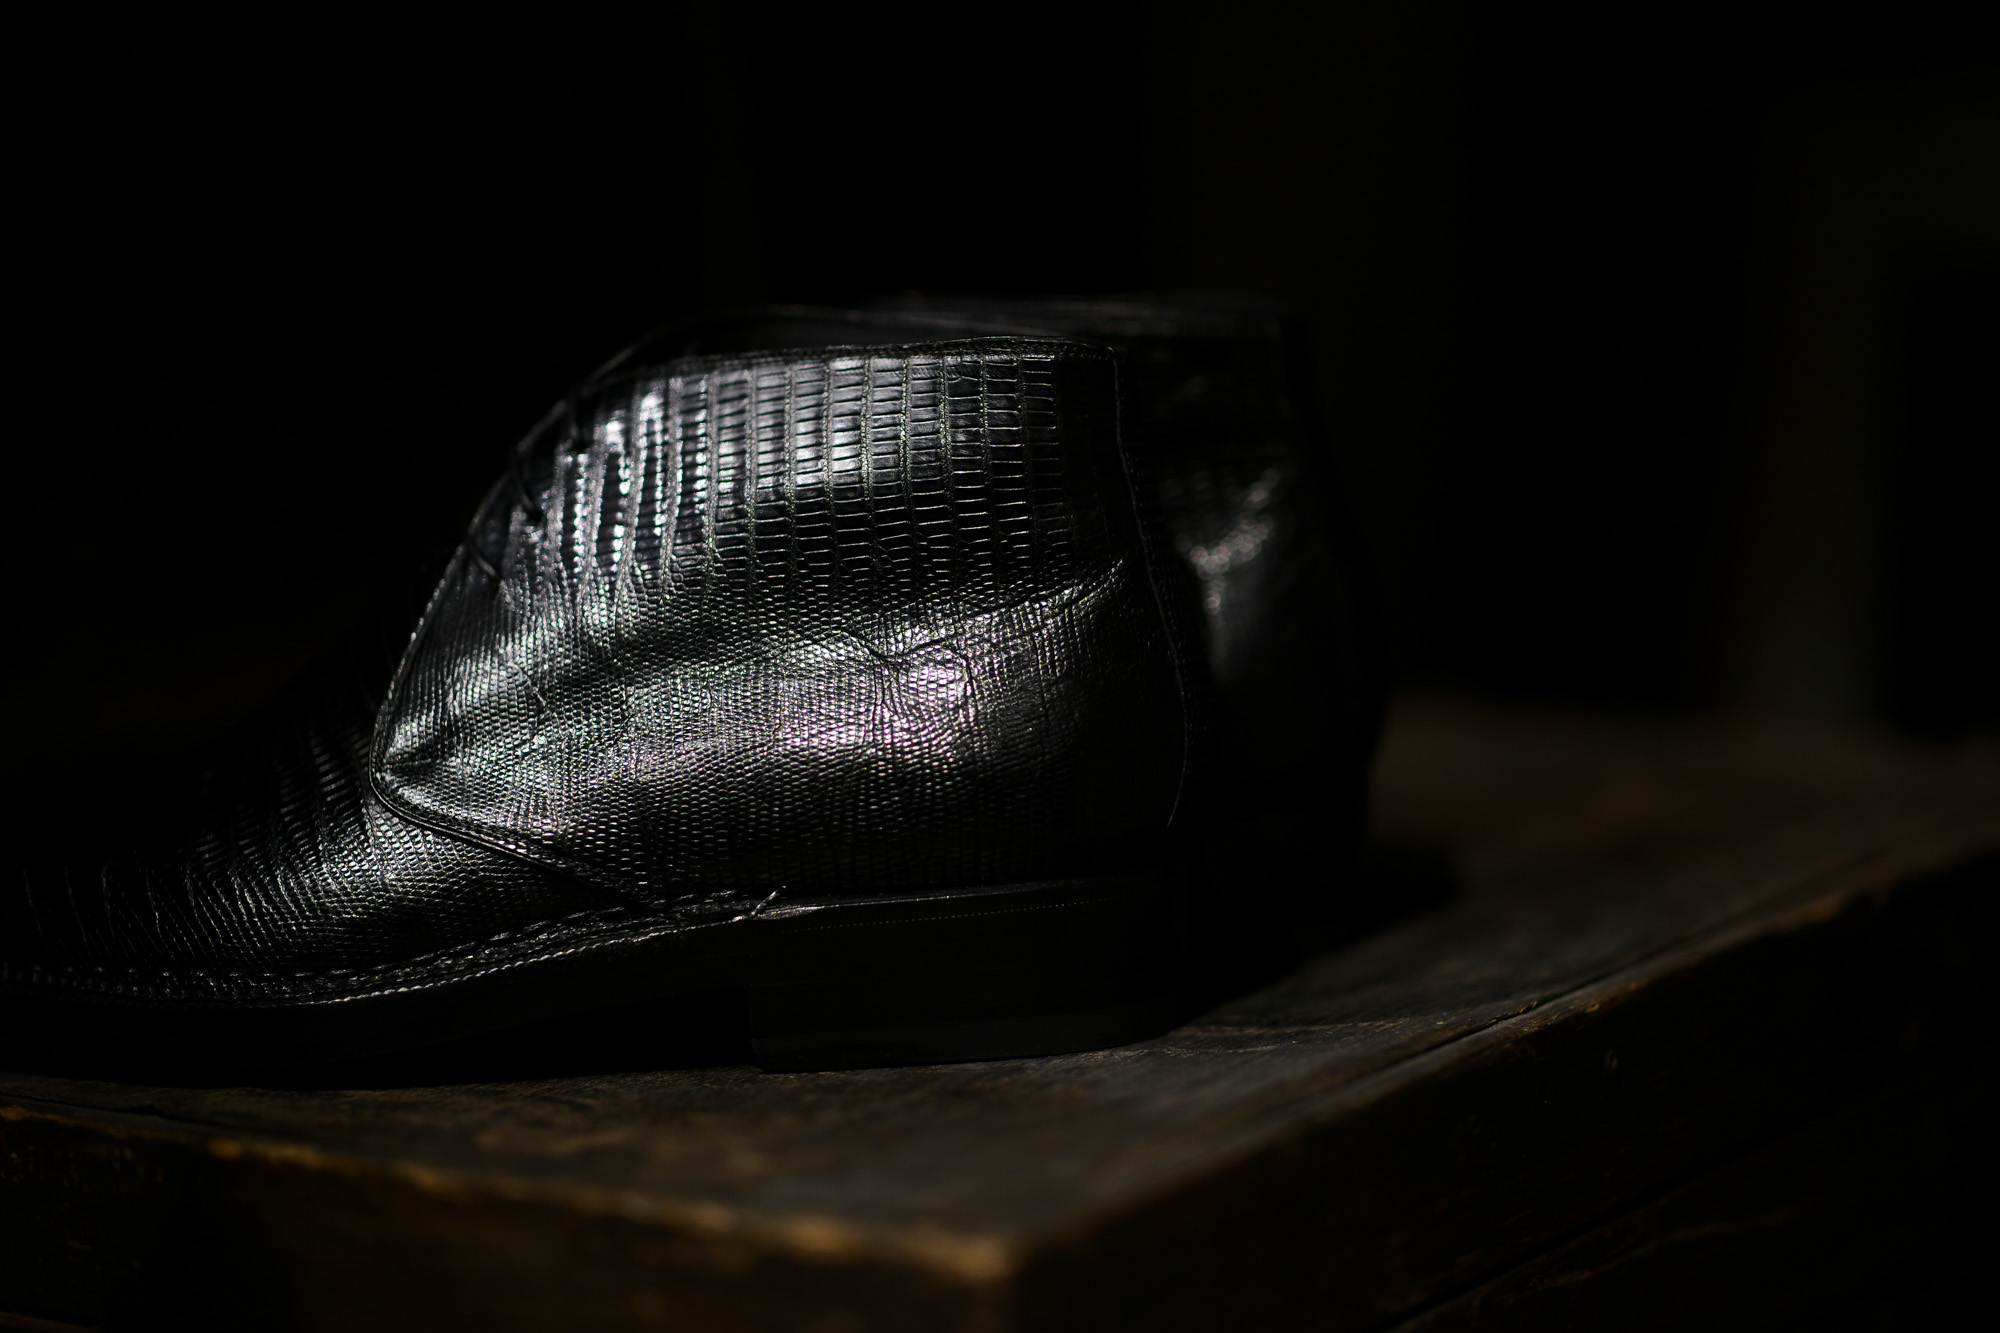 ENZO BONAFE (エンツォボナフェ) ART.3722 Chukka boots TEJUS (テジュー) リザードレザー チャッカブーツ TEJUS NERO (ブラック) made in italy (イタリア製) 2018 秋冬新作 enzobonafe ボナフェ ブーツ チャッカ 愛知 名古屋 Alto e Diritto アルト エ デリット ドカゲ リザード